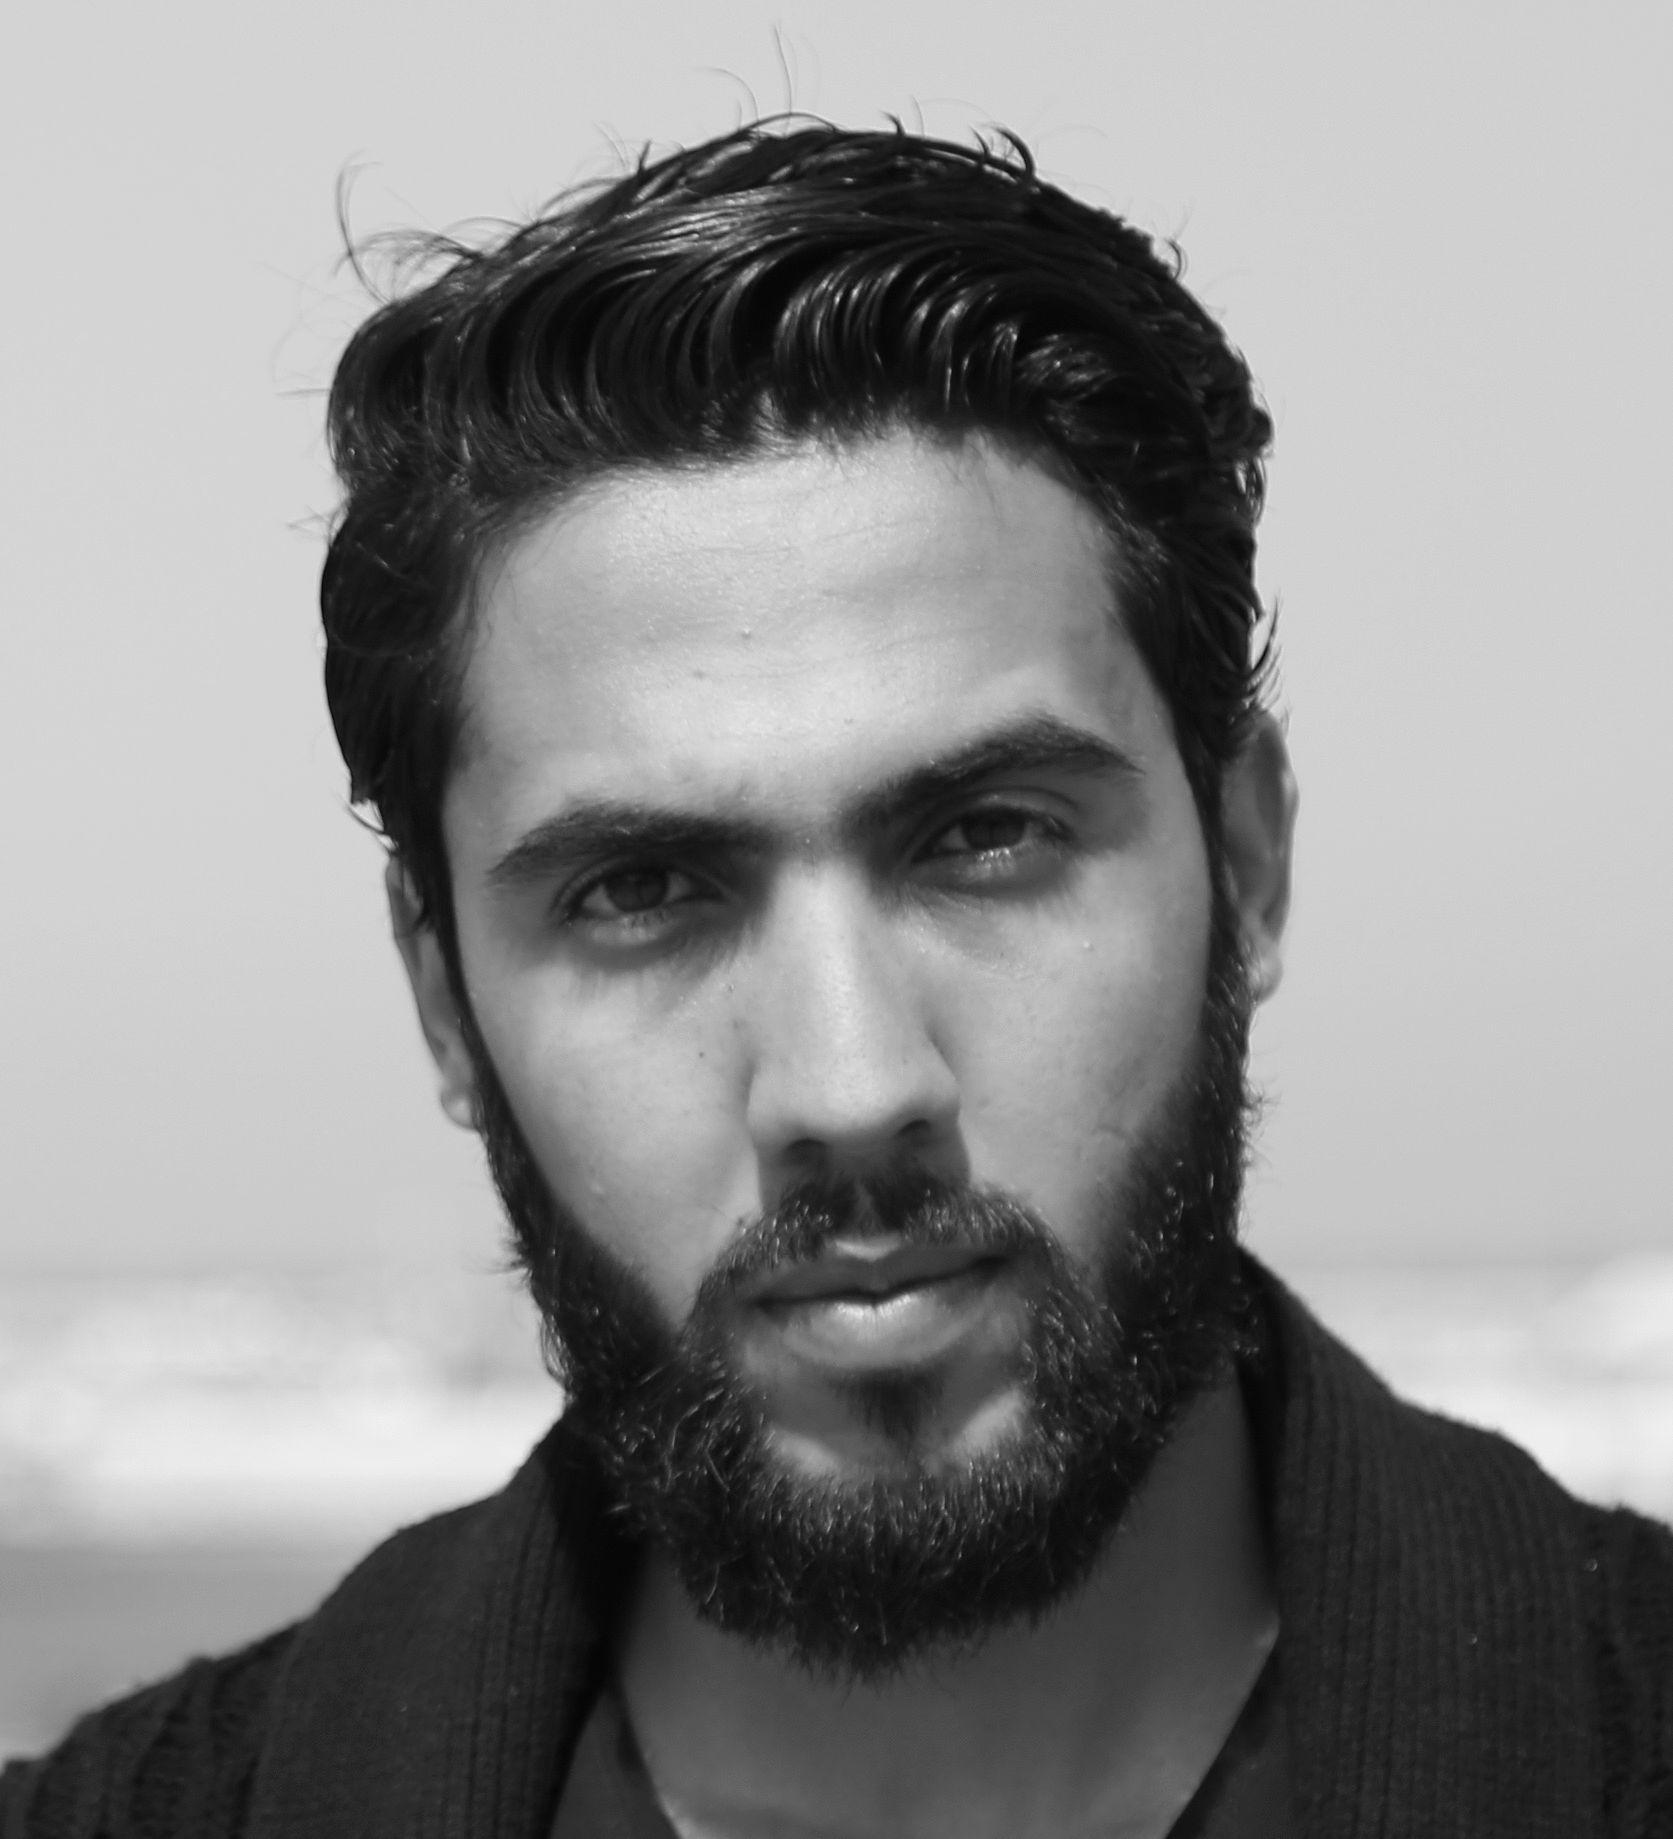 محمد عبدالسميع Headshot